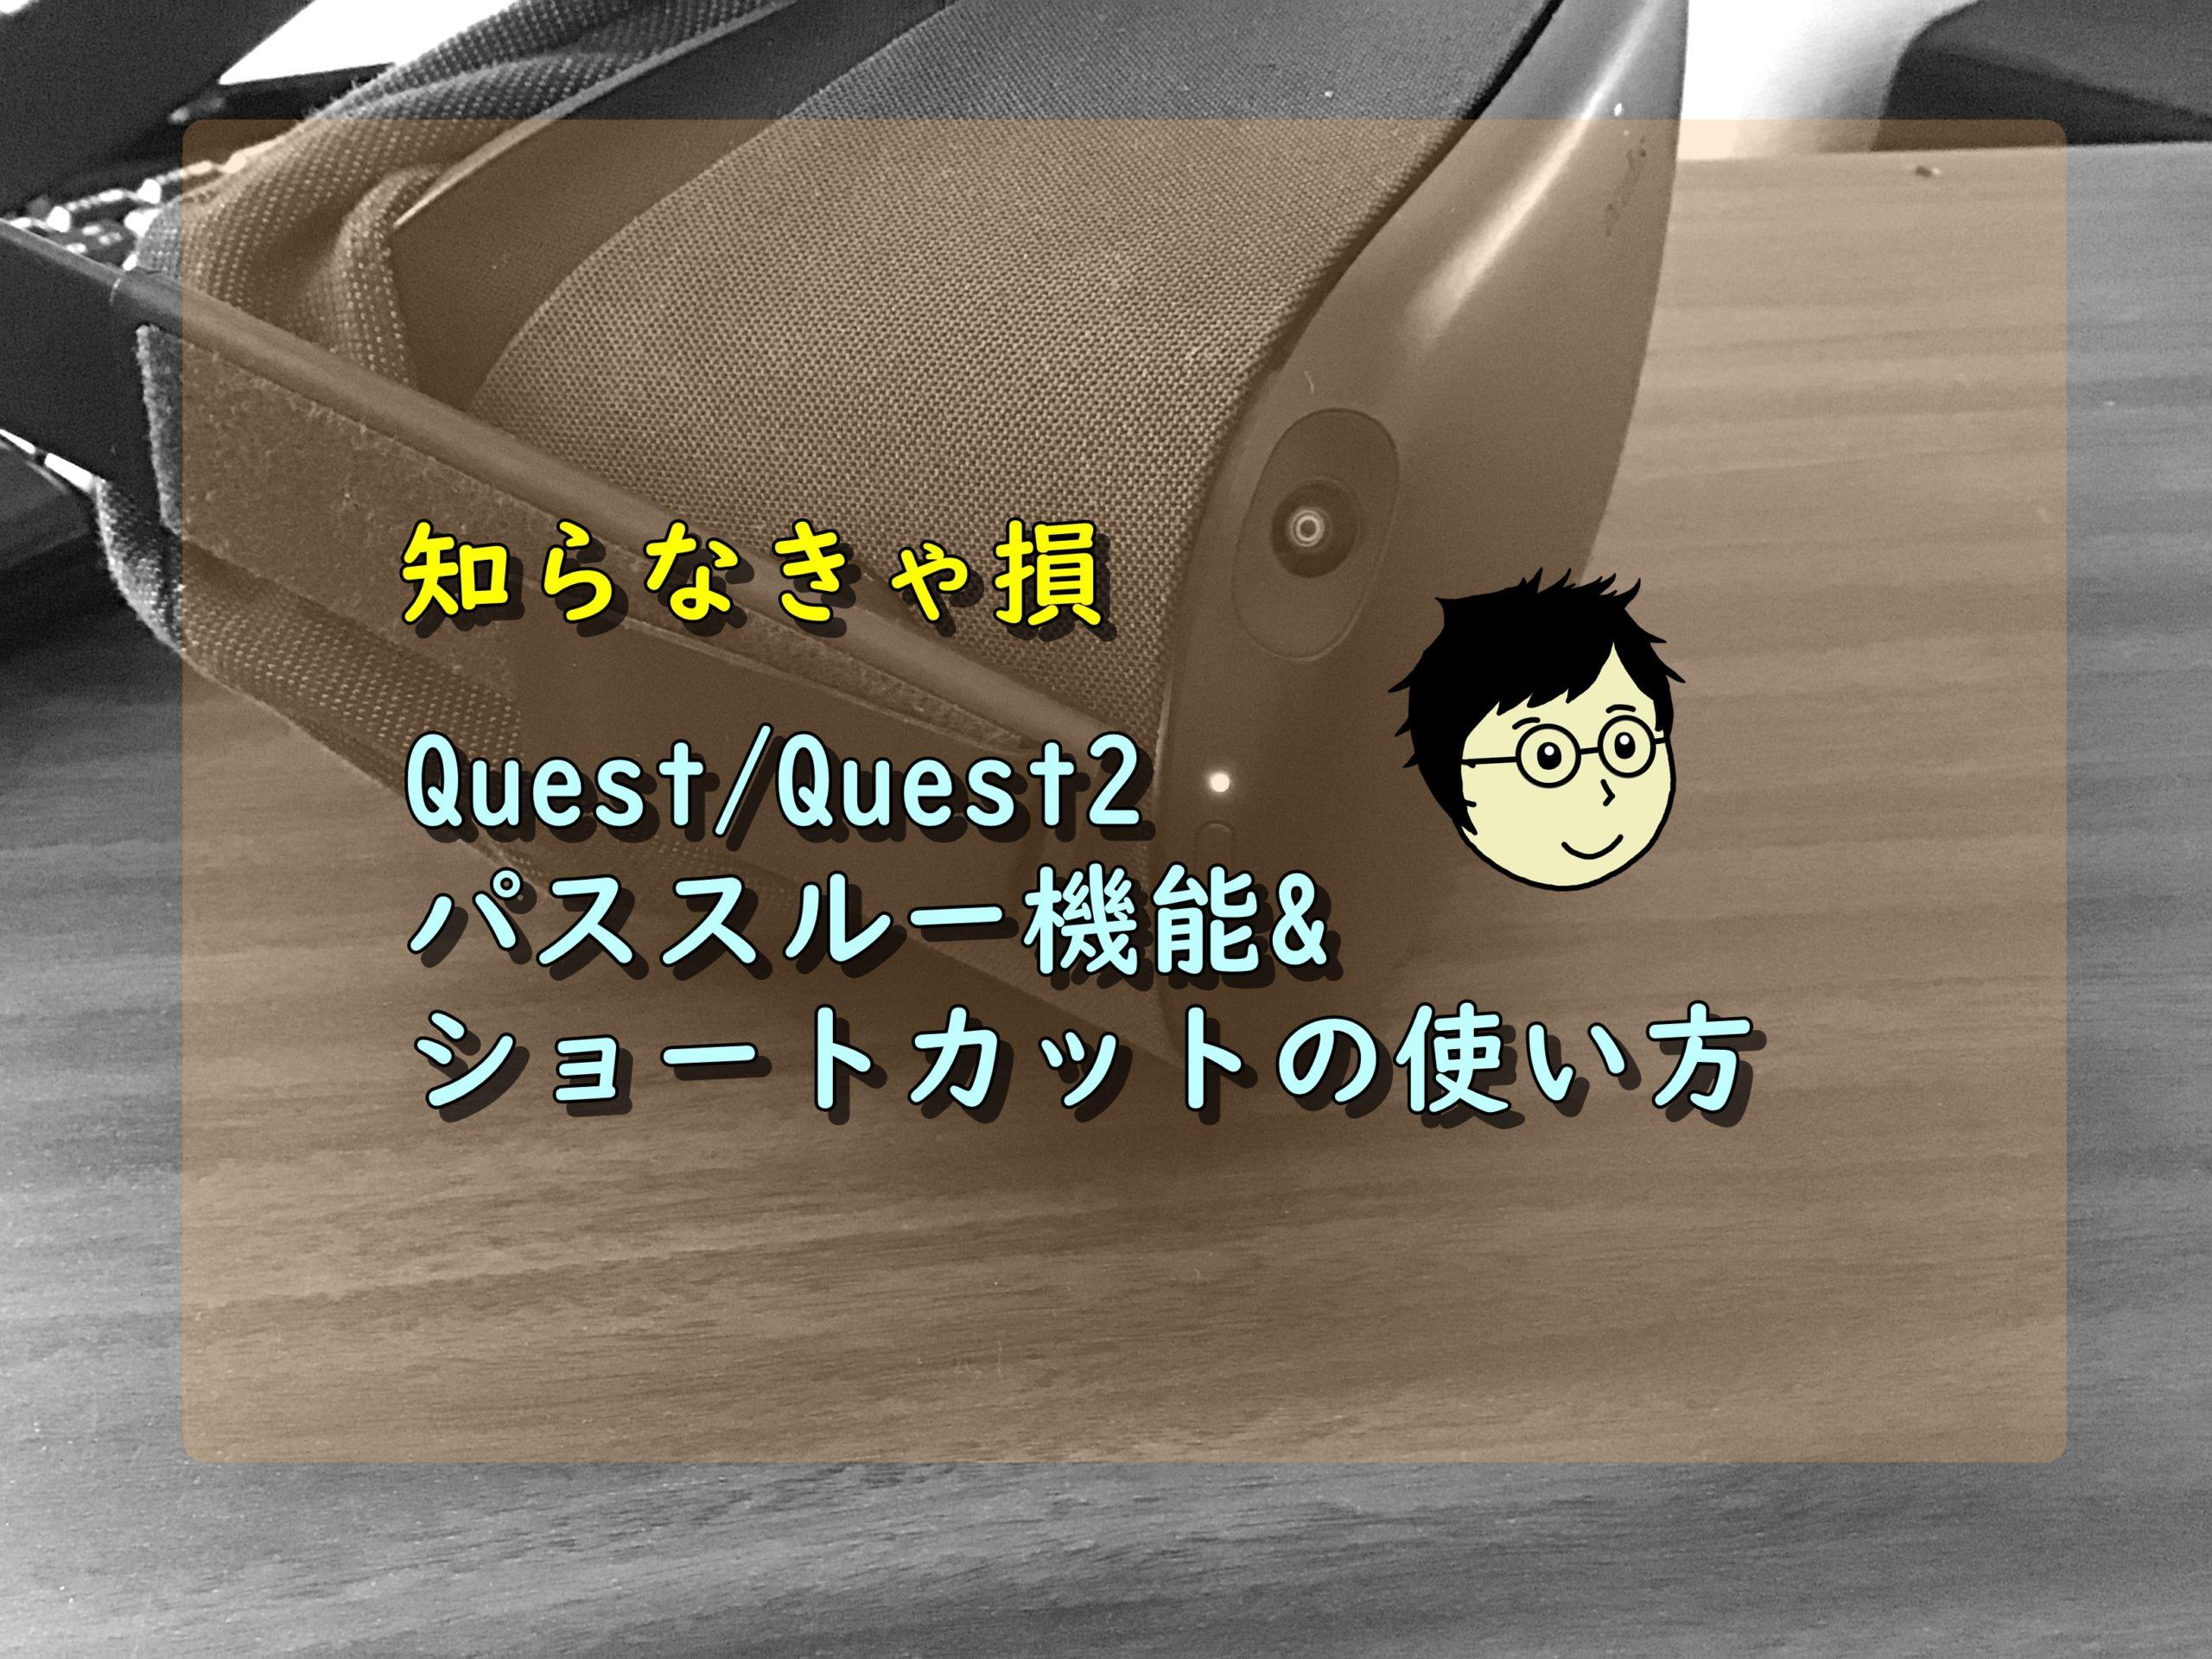 【Quest】超便利!! パススルー(外との画面切り替え)のやり方&ショートカット